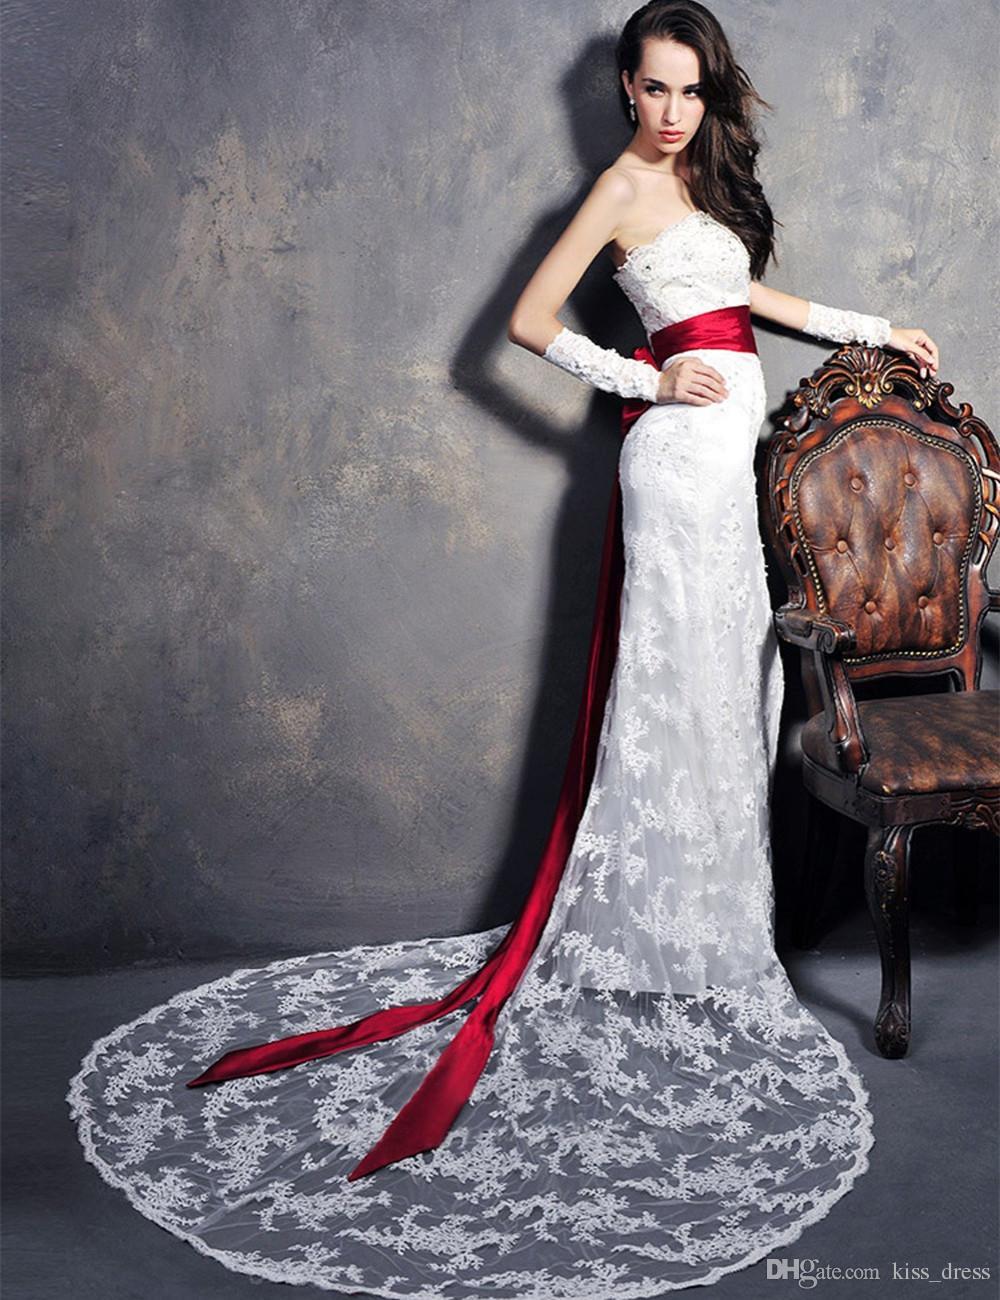 f8bfc024da09 Venta caliente elegante blanco y rojo Vestidos de novia Sirena sin tirantes  con cuentas de encaje Corte tren Cinta Sash Vestidos de novia largos por ...